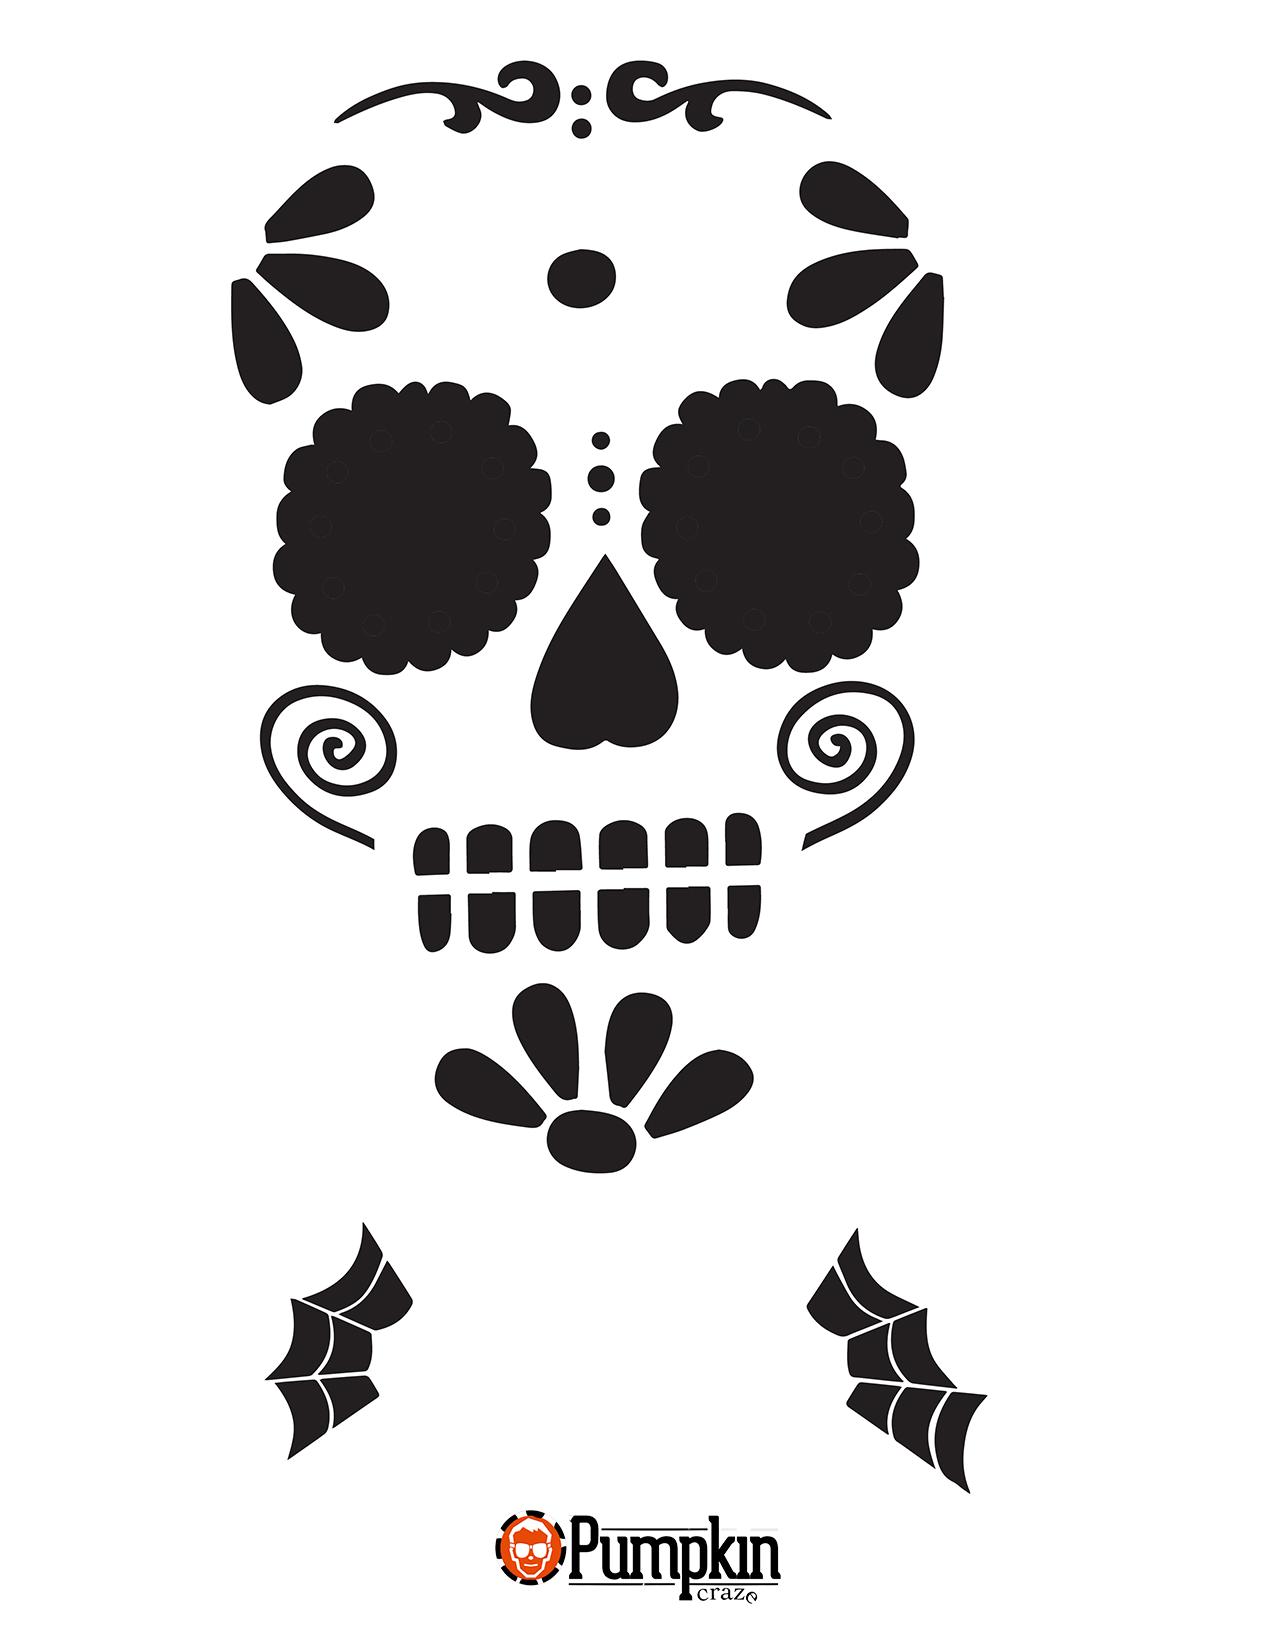 Effd60c10045f4e85faed585d359a811 Png 1275 1650 Sugar Skull Pumpkin Pumpkin Carvings Stencils Sugar Skull Pumpkin Stencil